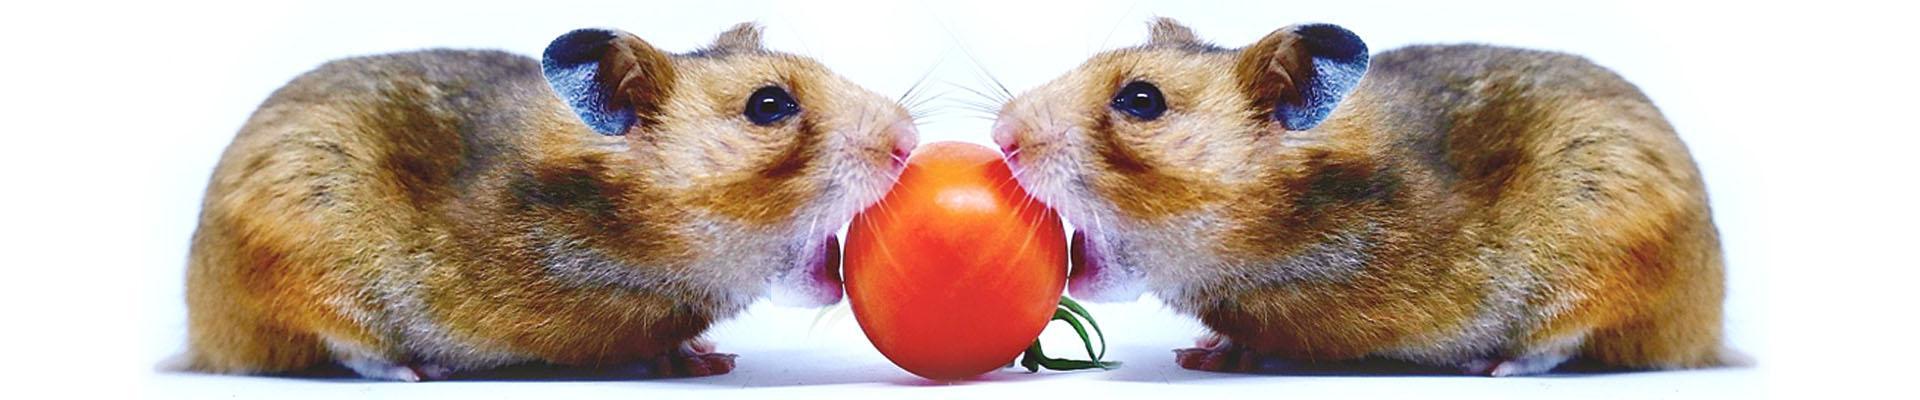 Можно ли хомякам помидор